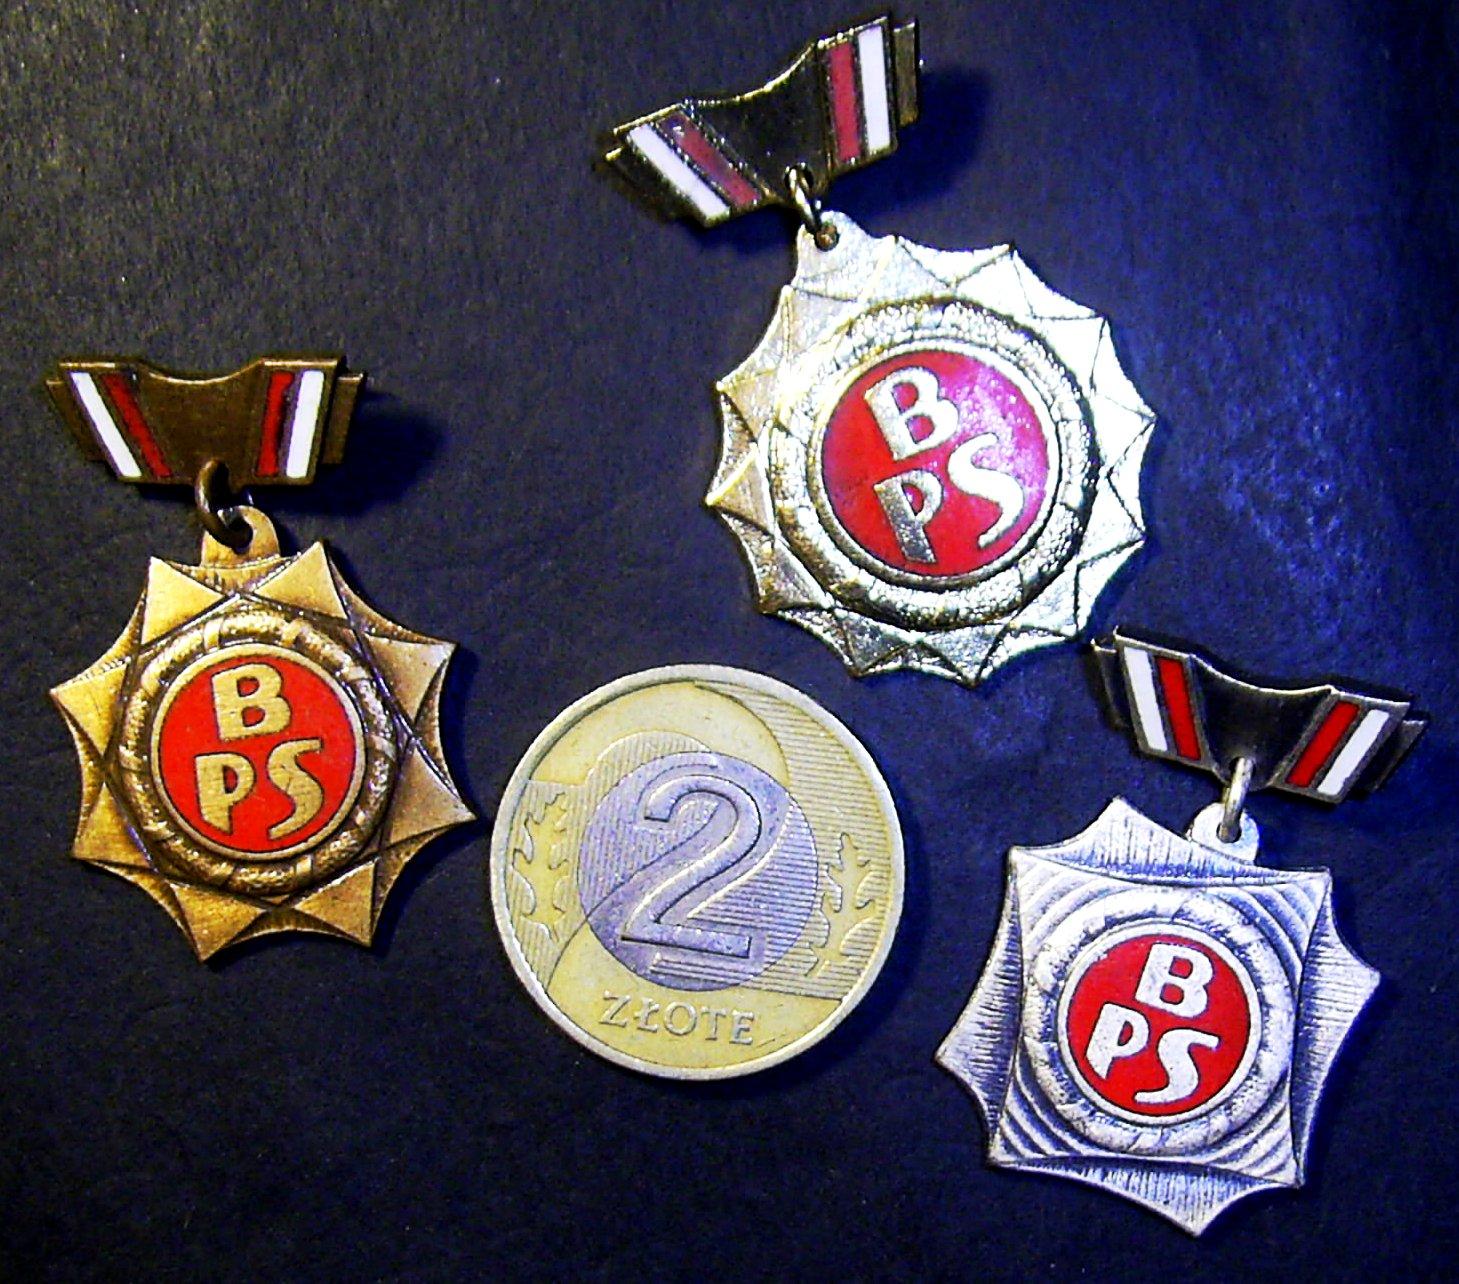 BPS komplet odznak BRYGADA PRACY SOCJALISTYCZNEJ